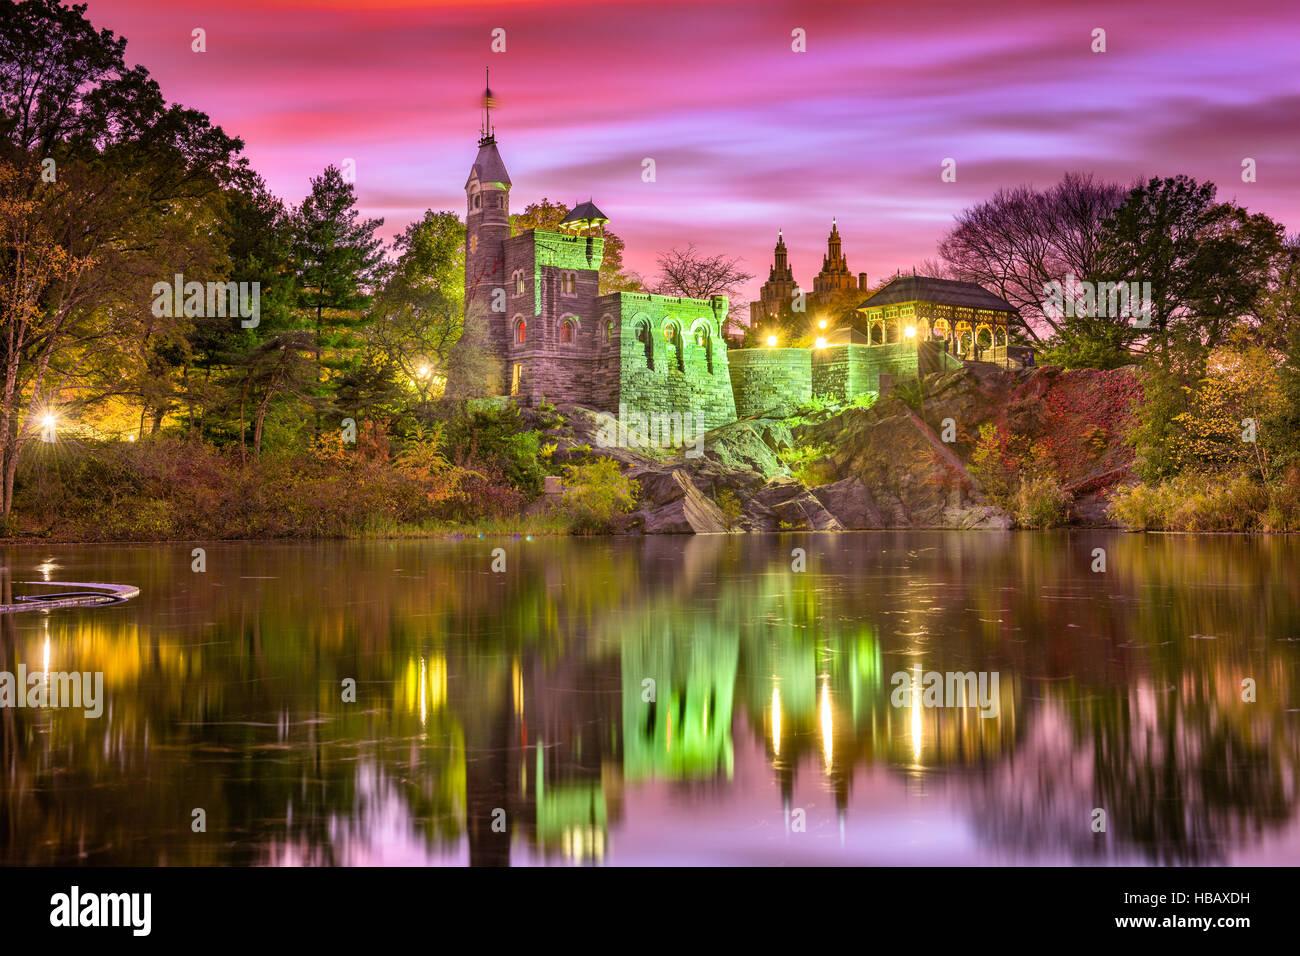 Il Central Park di New York City a Castello Belvedere durante un autunno al crepuscolo. Immagini Stock